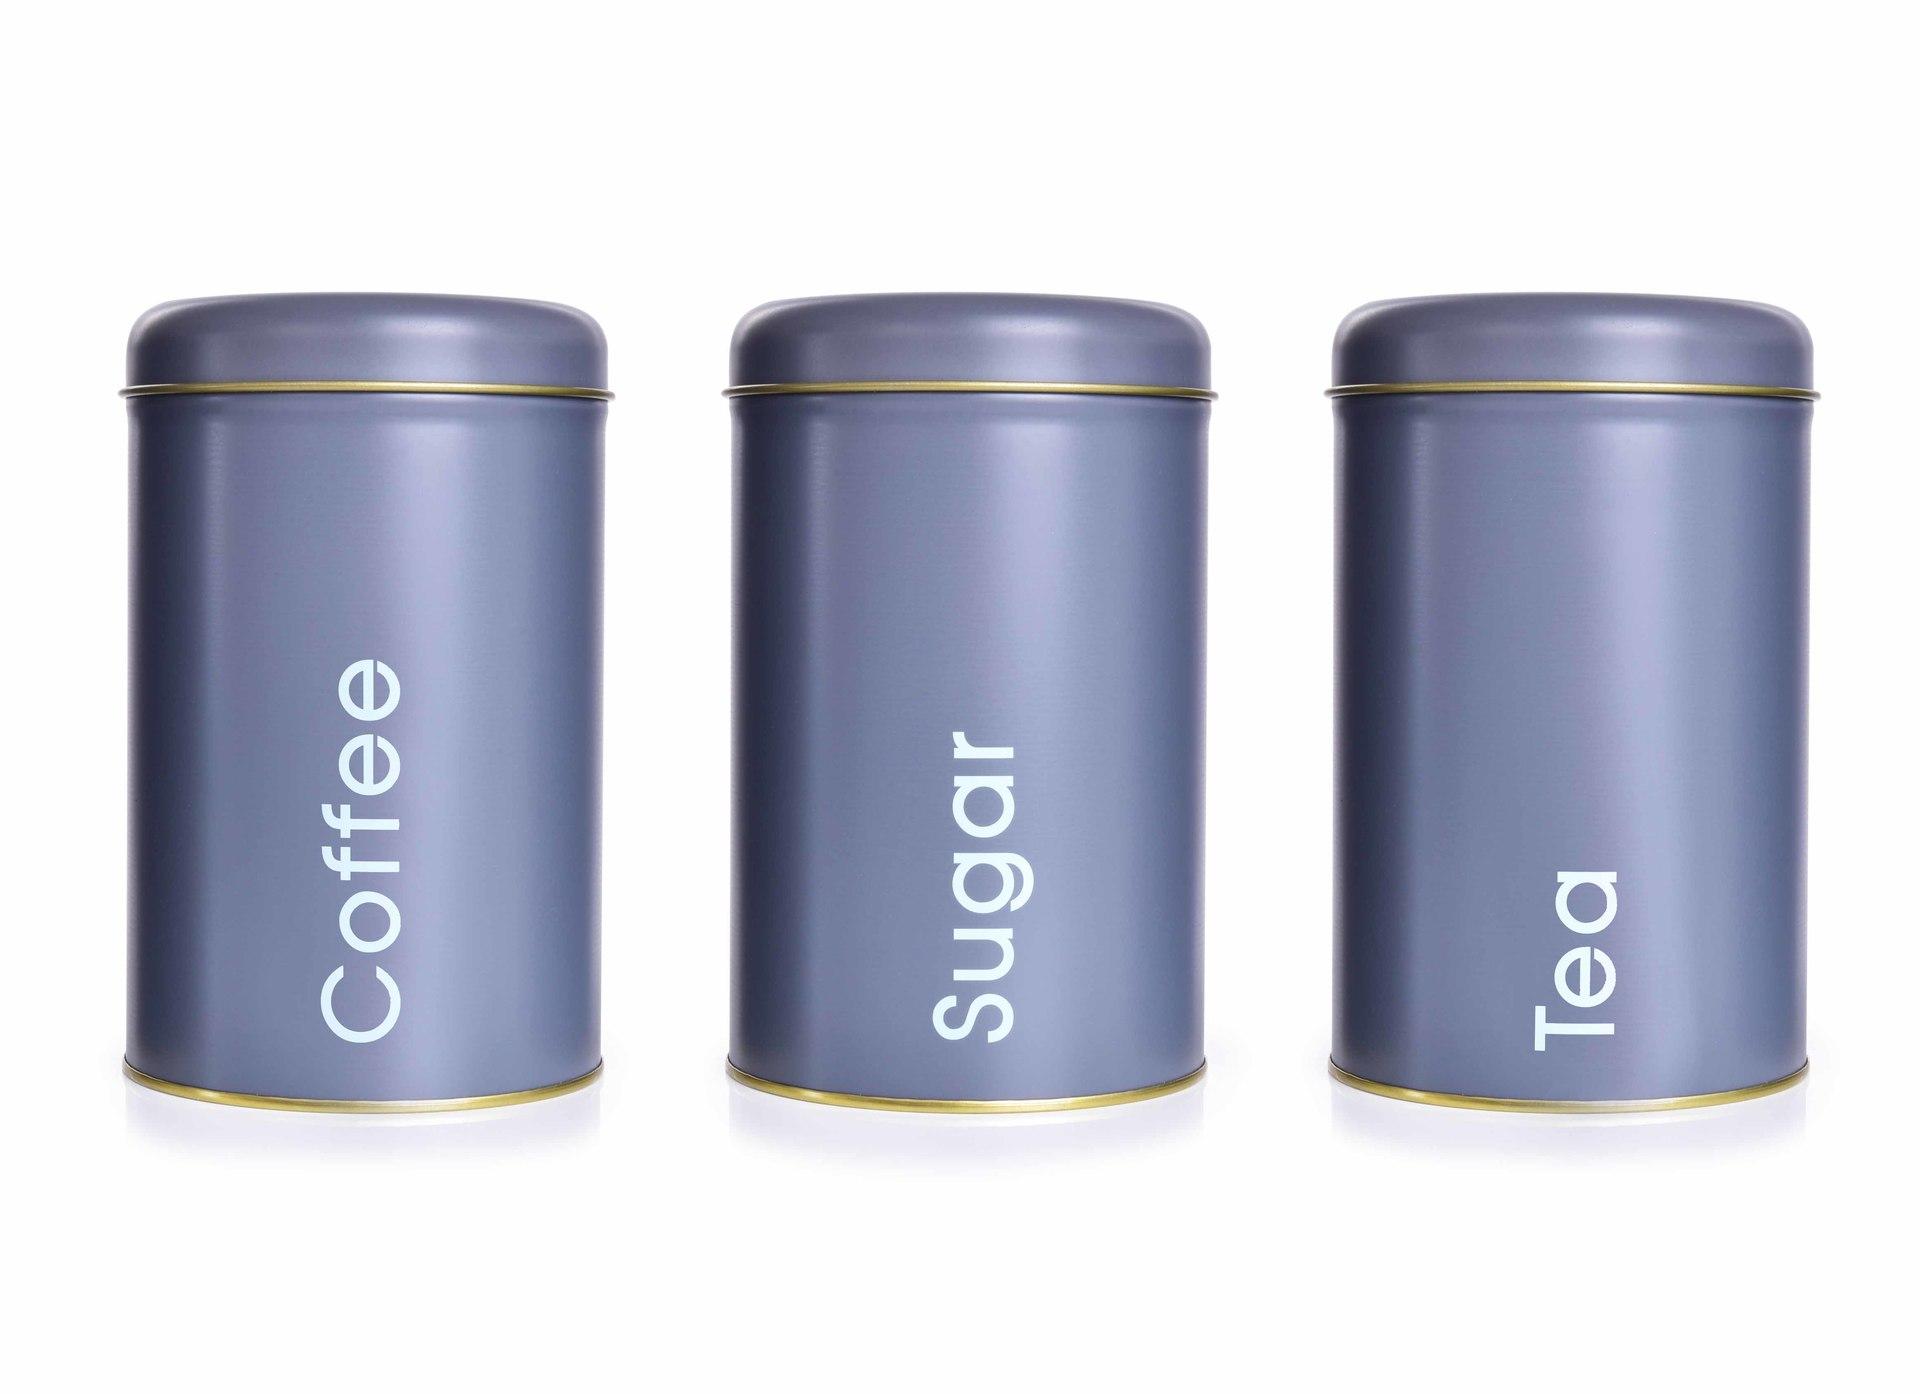 3 KS SADA kovových kulatých dóz, Tea, Sugar, Coffee